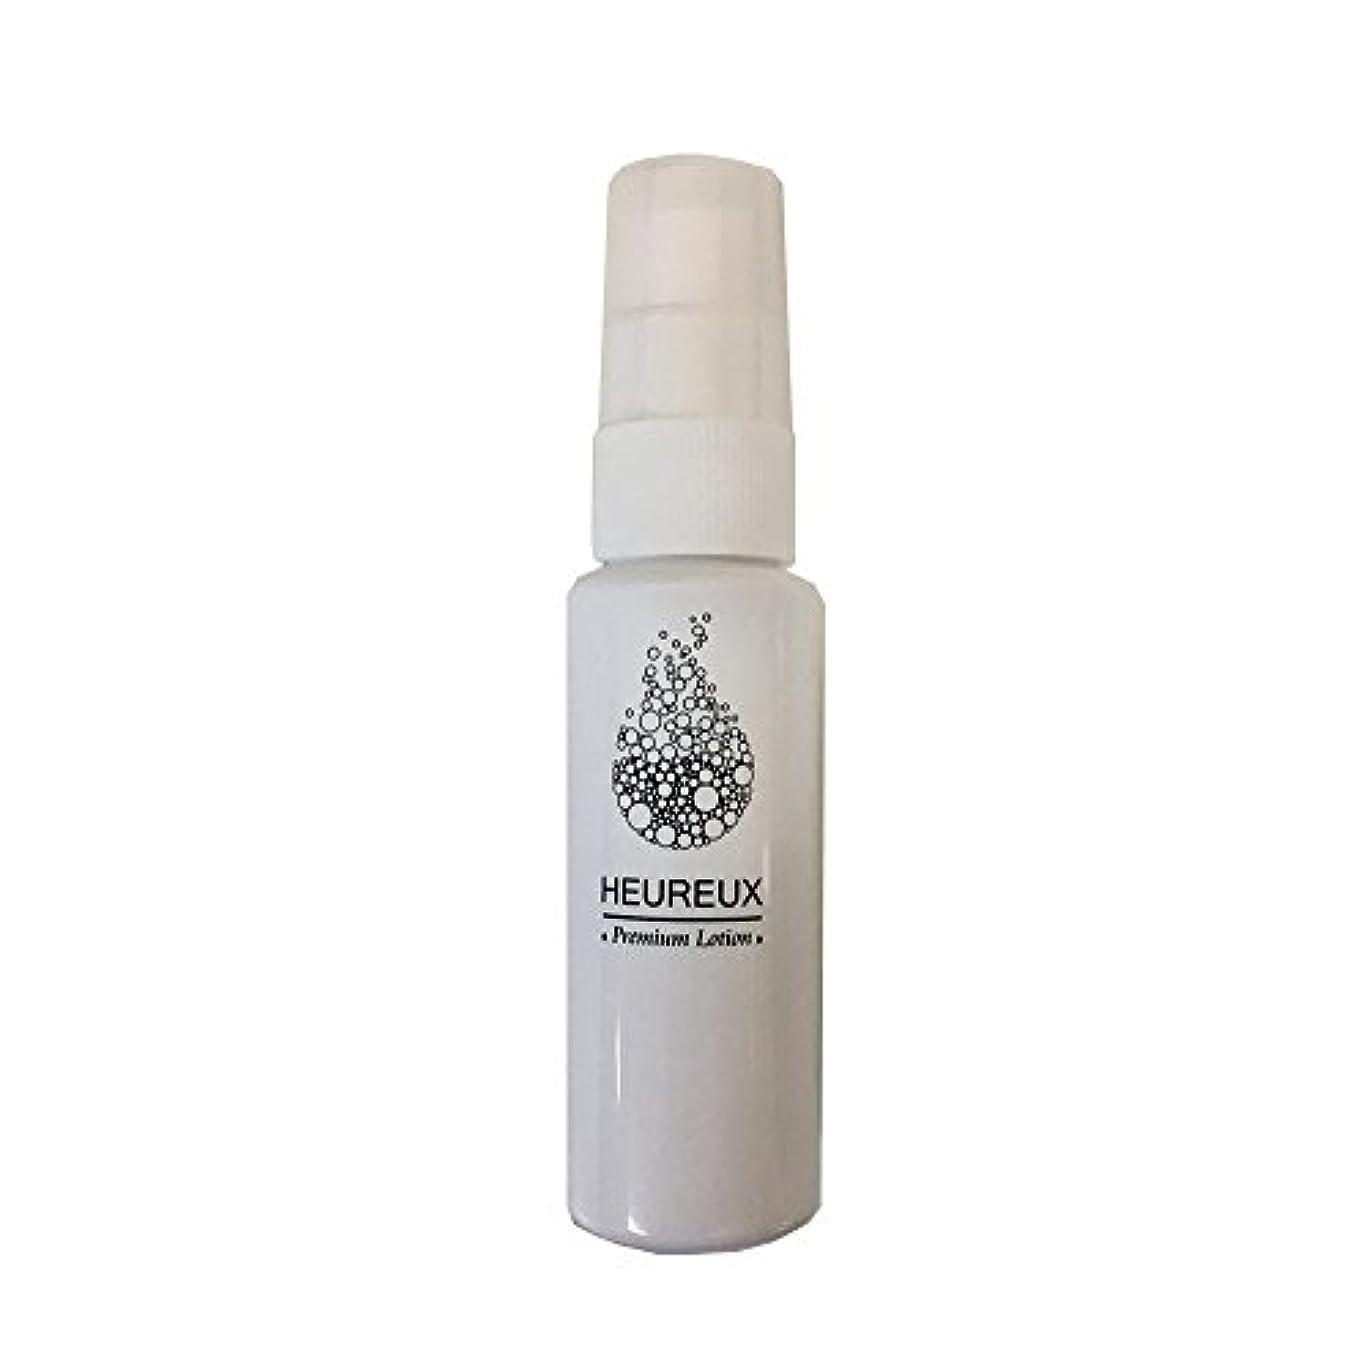 病なコロニアル拮抗HEUREUX ワキガ&加齢臭の決定版-スプレータイプ 医薬部外品